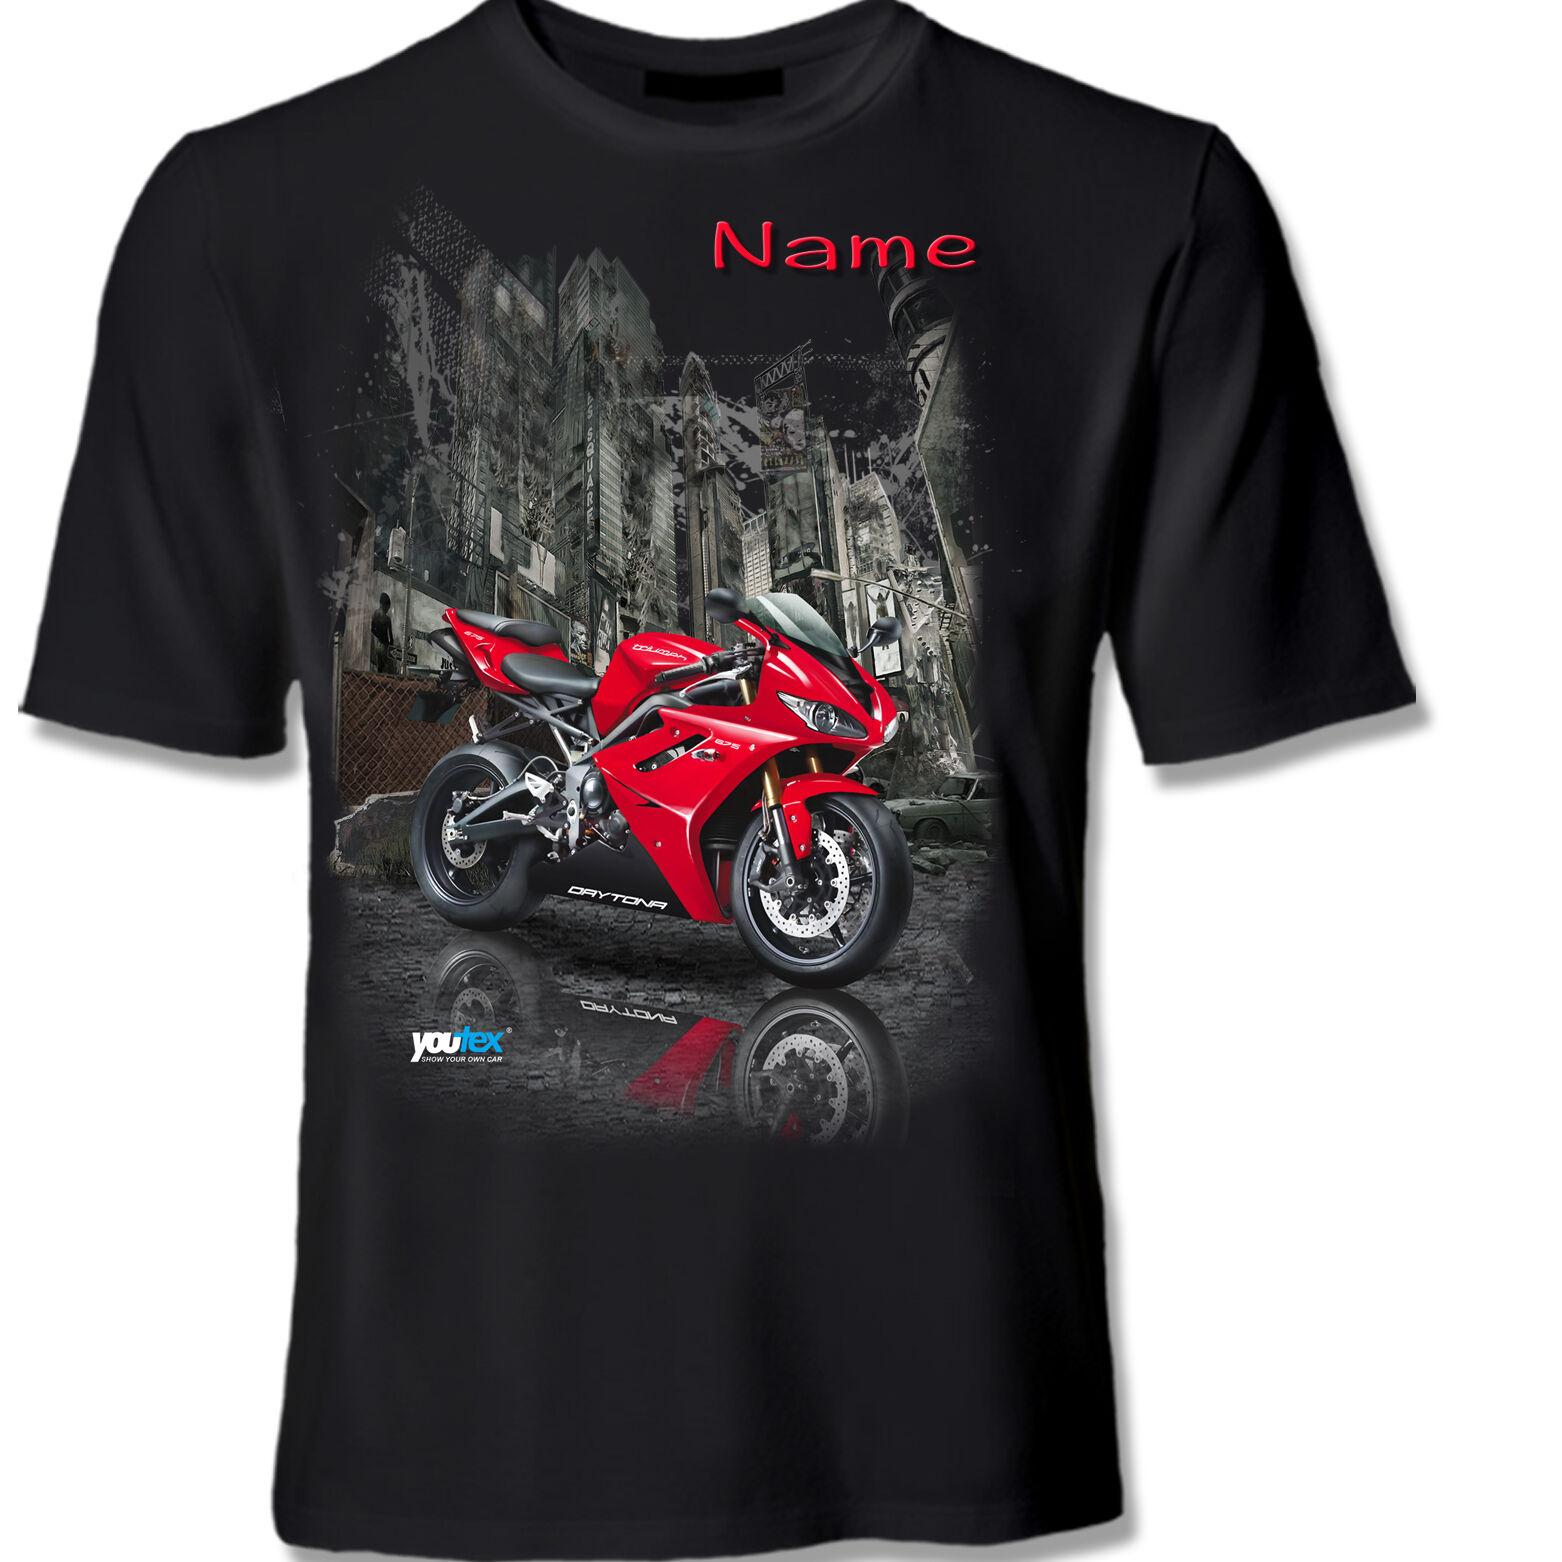 TRIUMPH DAYTONA 675 Tuning T Shirt Shirt T-Shirt original YOUTEX